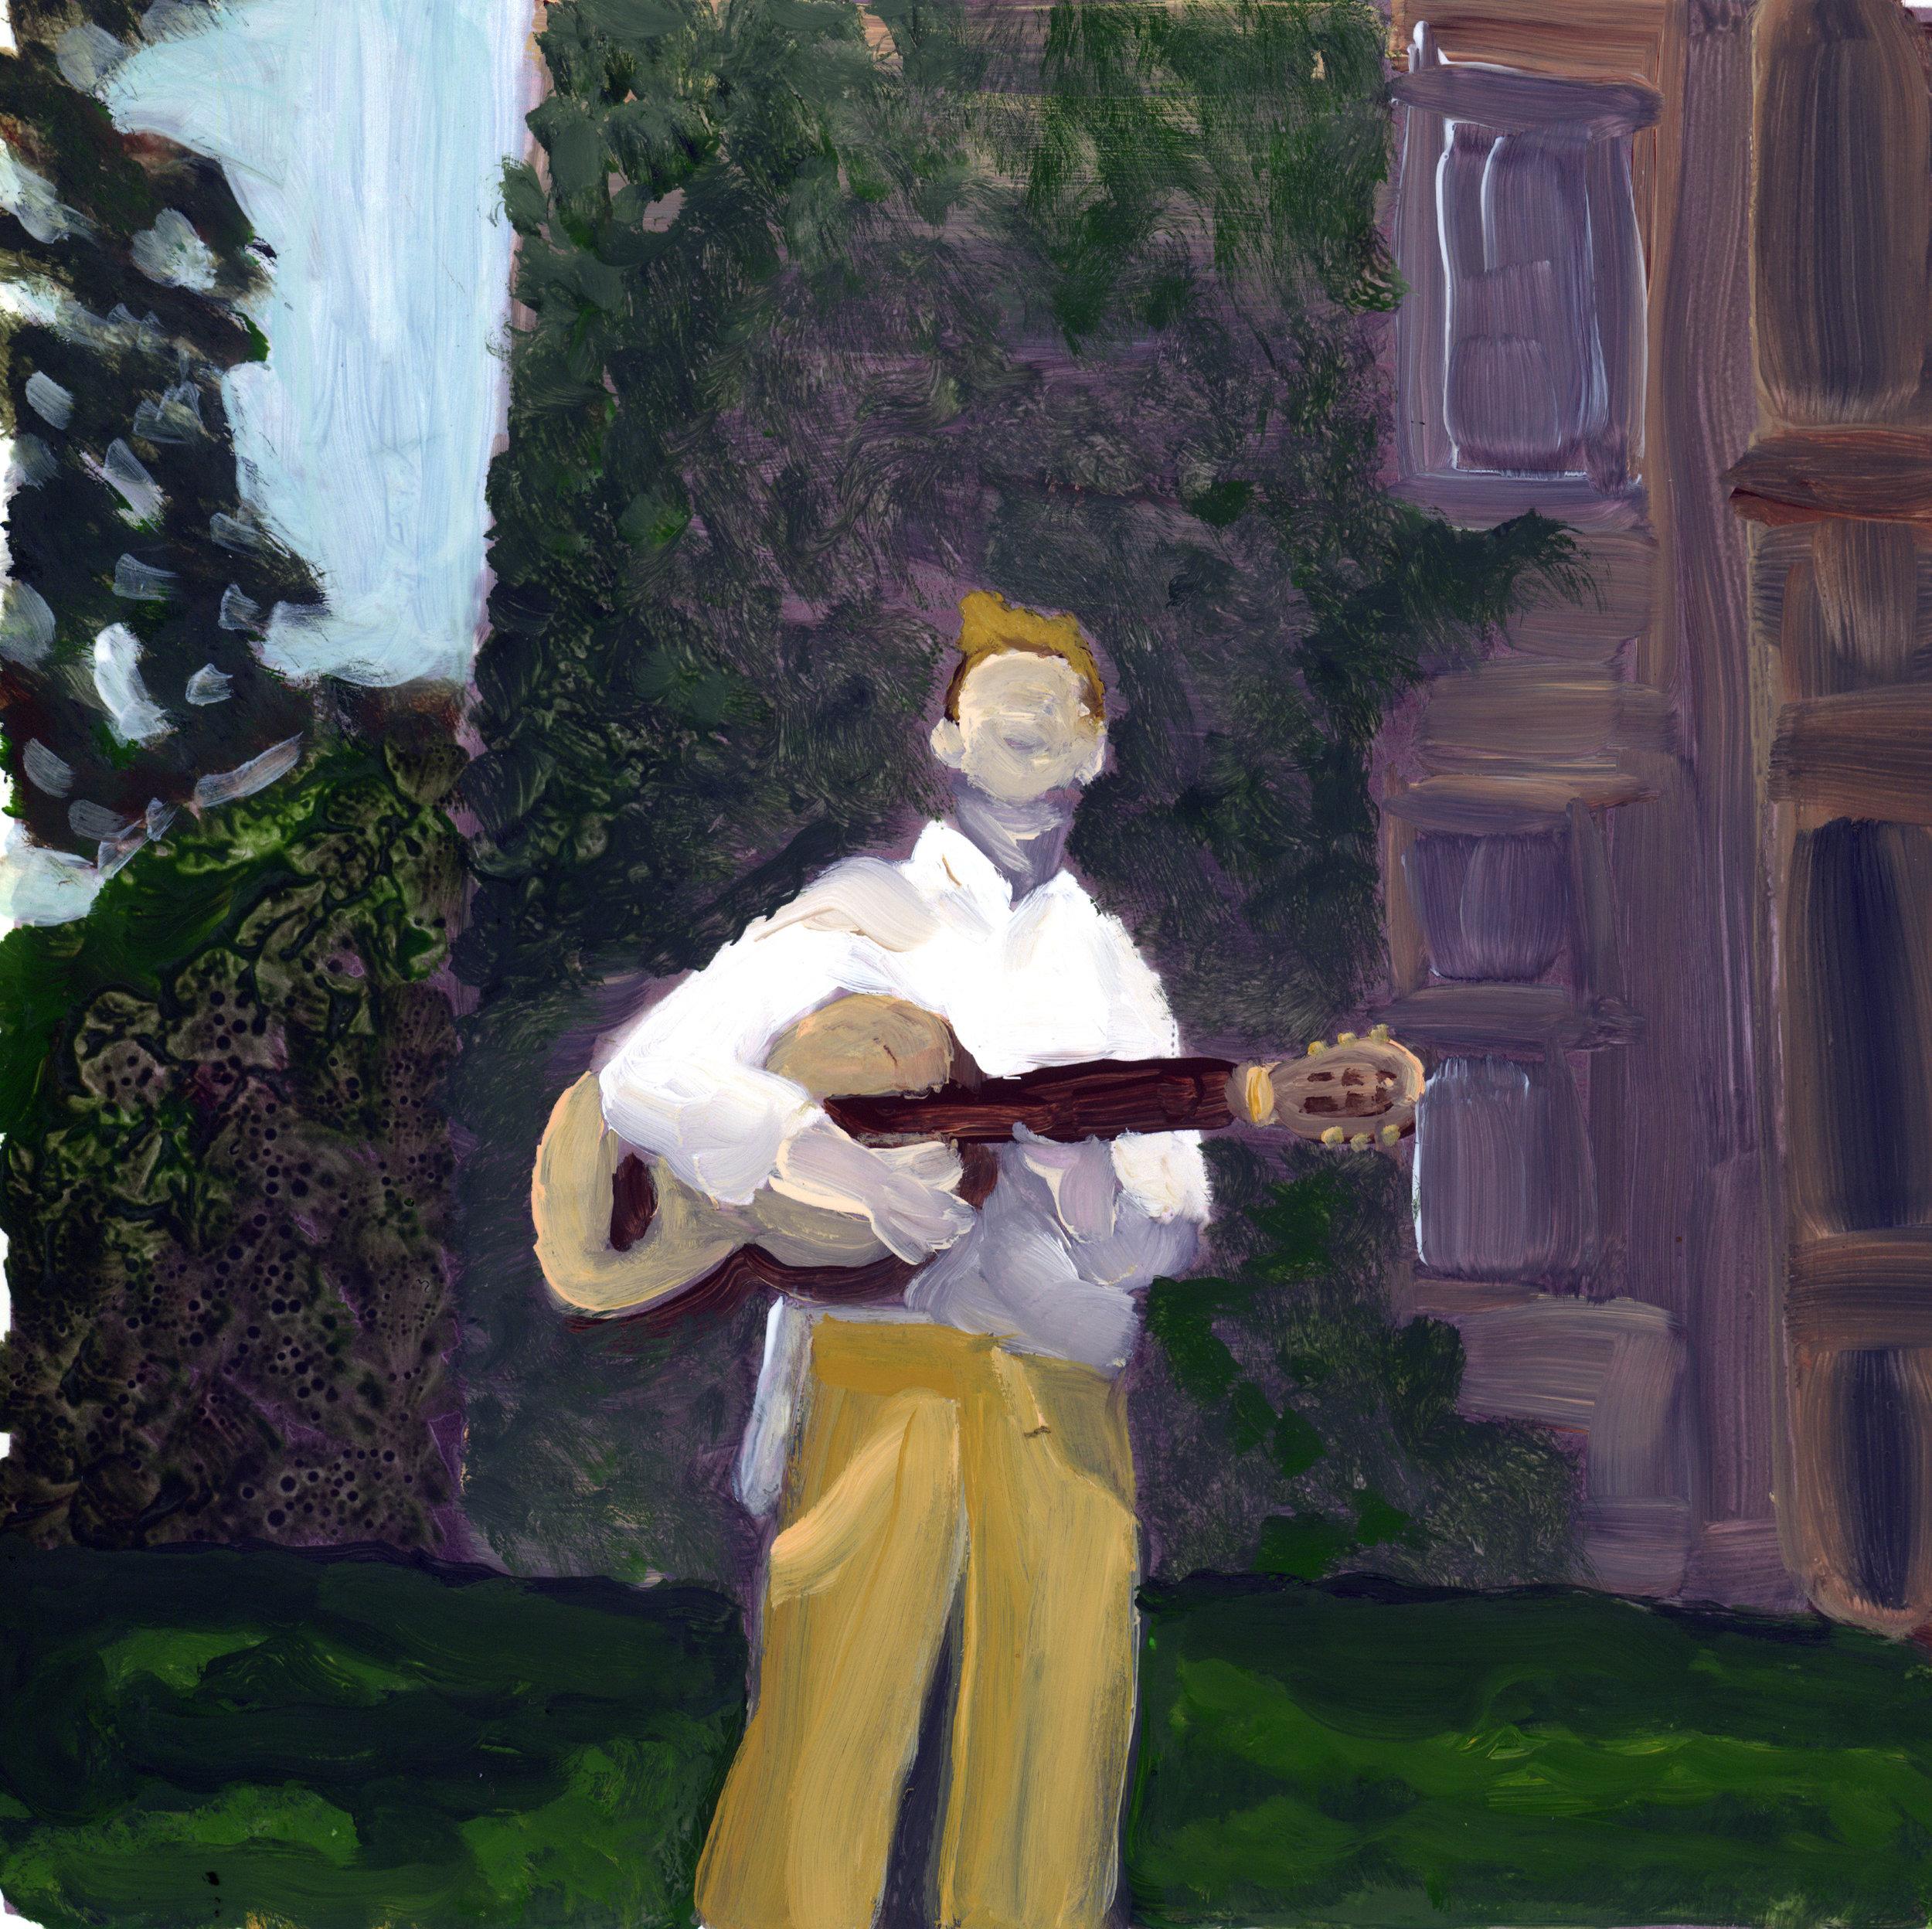 the troubador